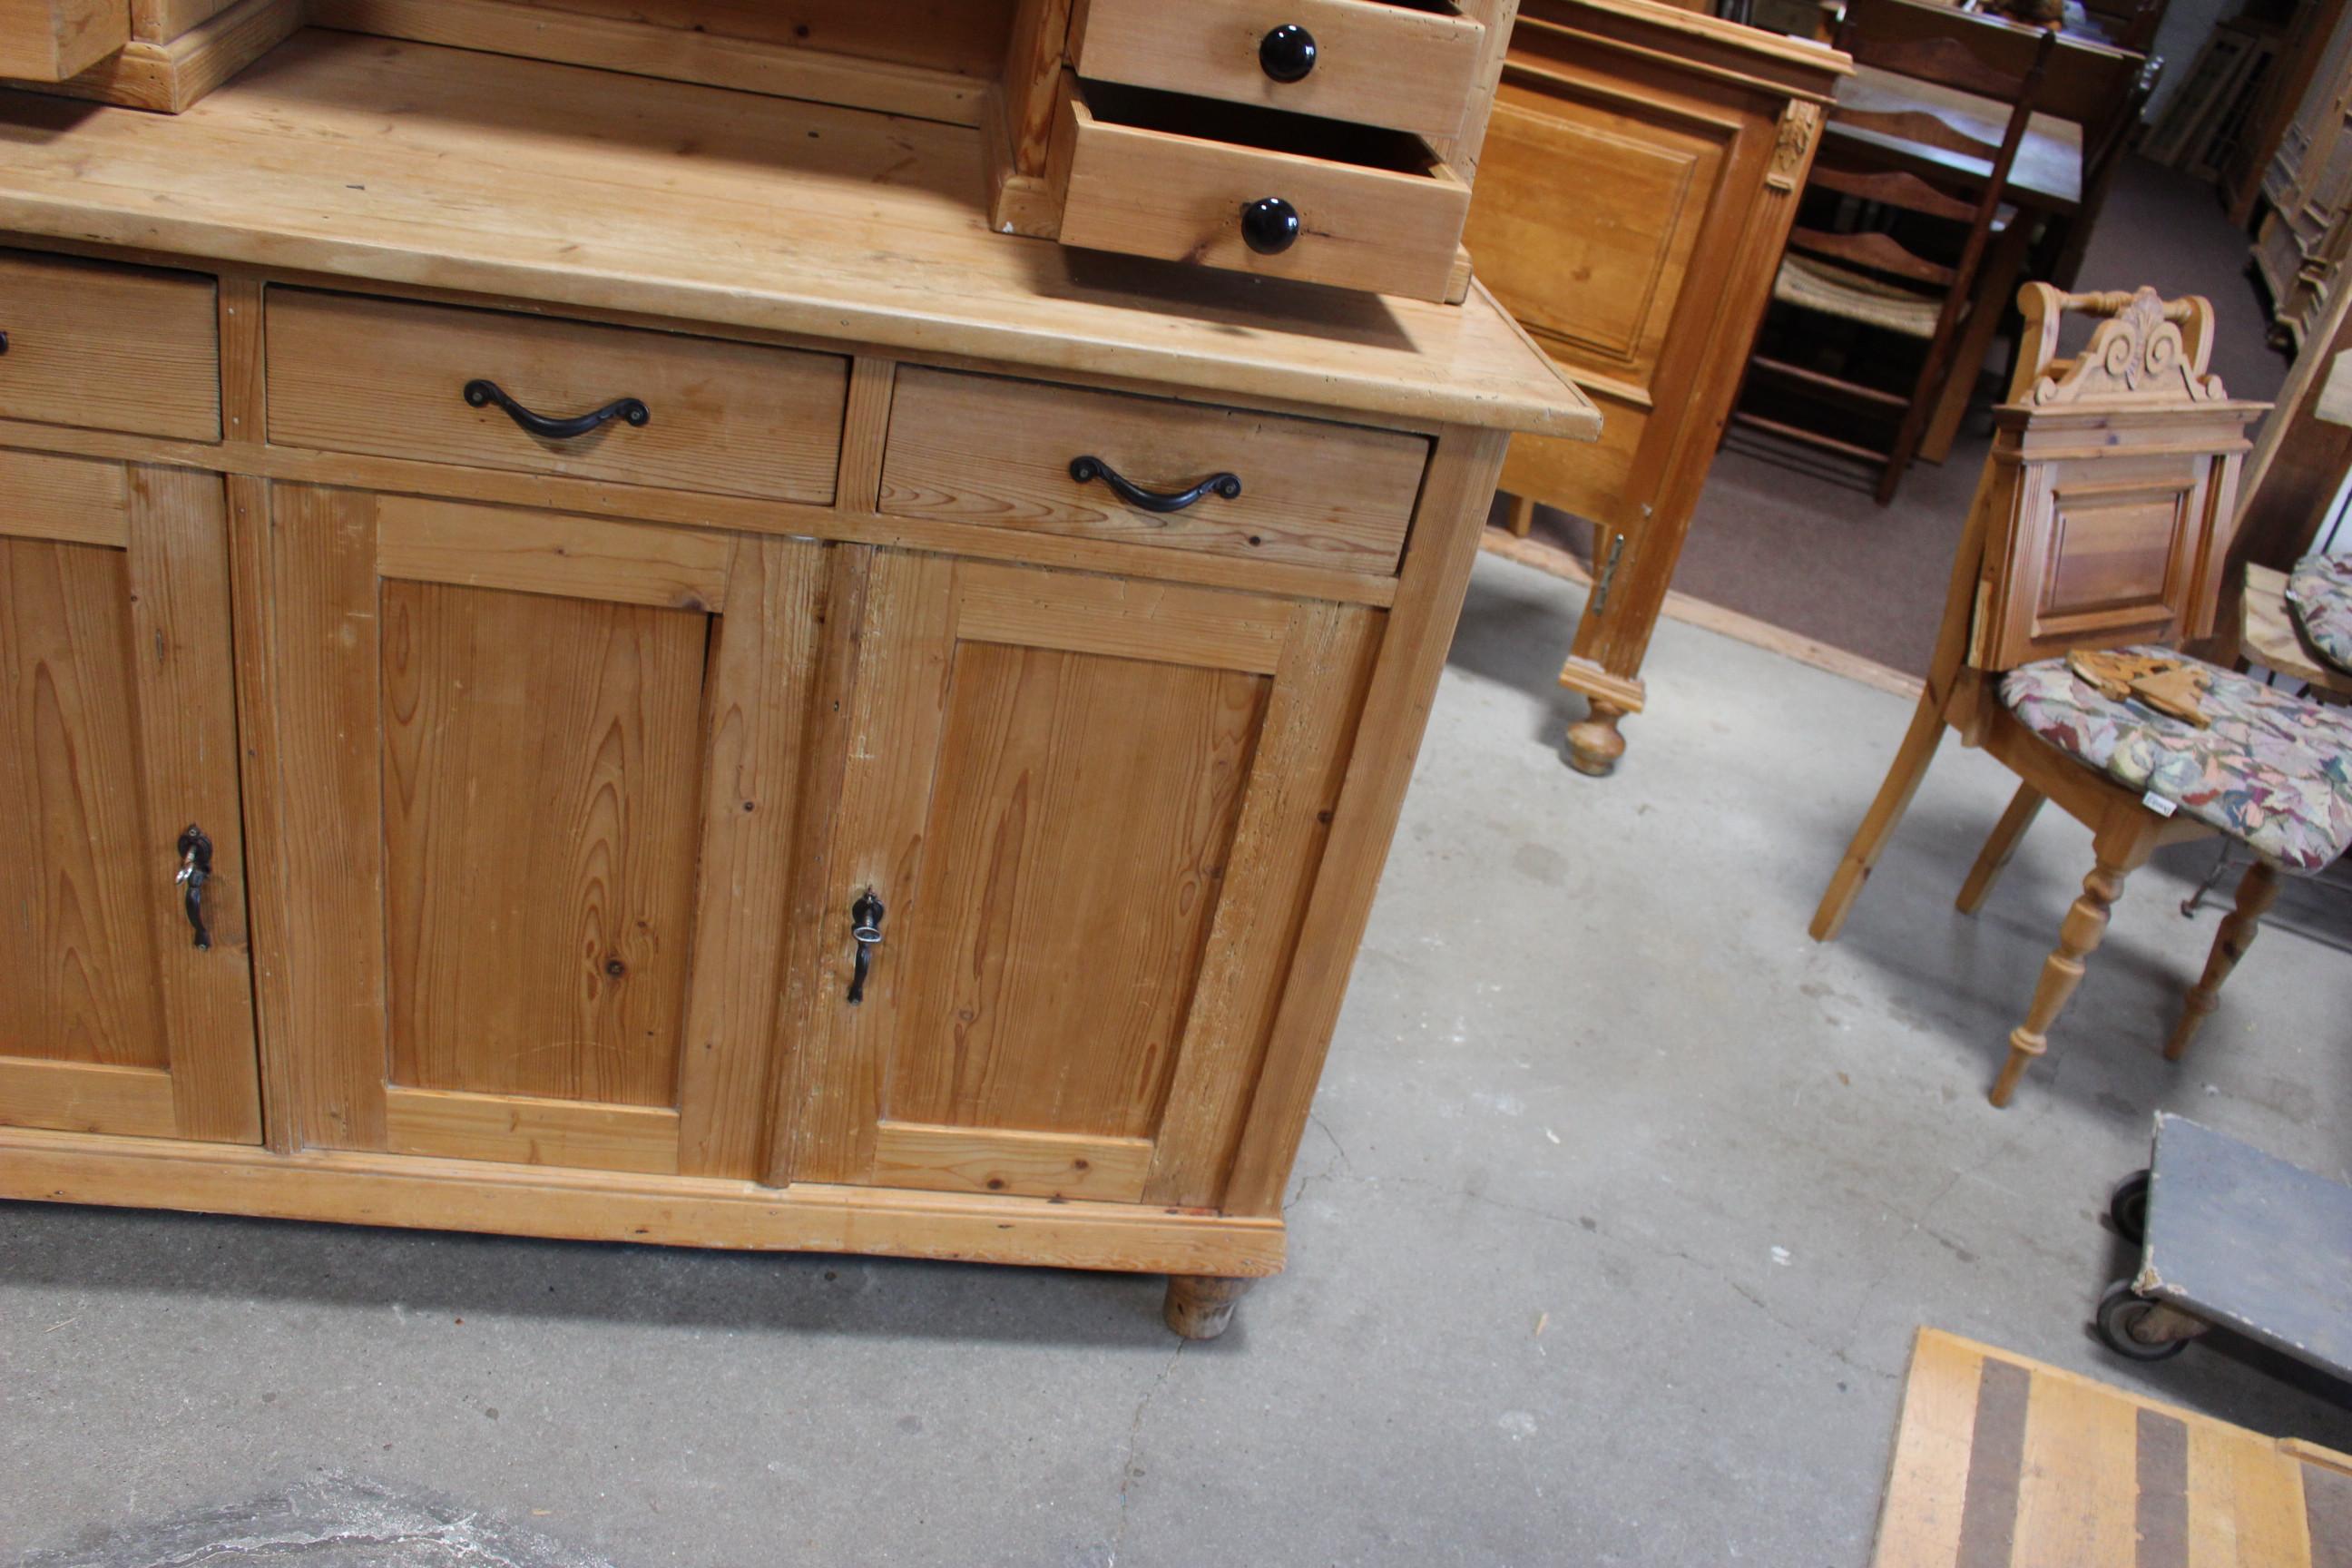 Art Deco Küchenbüffet frisch eingetroffen Kiefer (Art.-Nr. 03272)